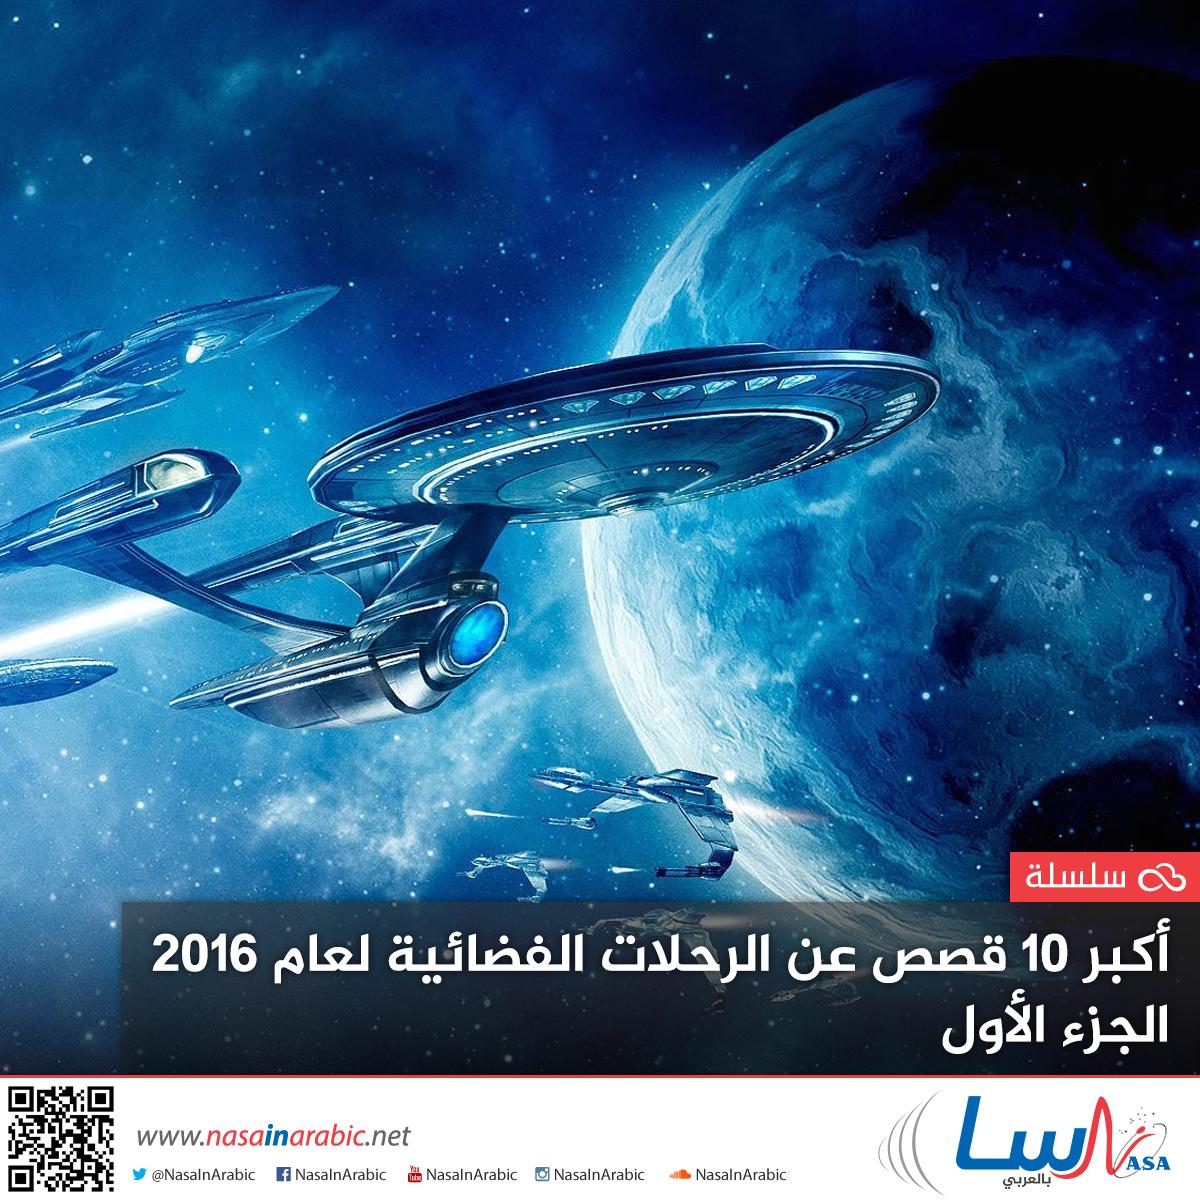 أكبر 10 قصص عن الرحلات الفضائية لعام 2016